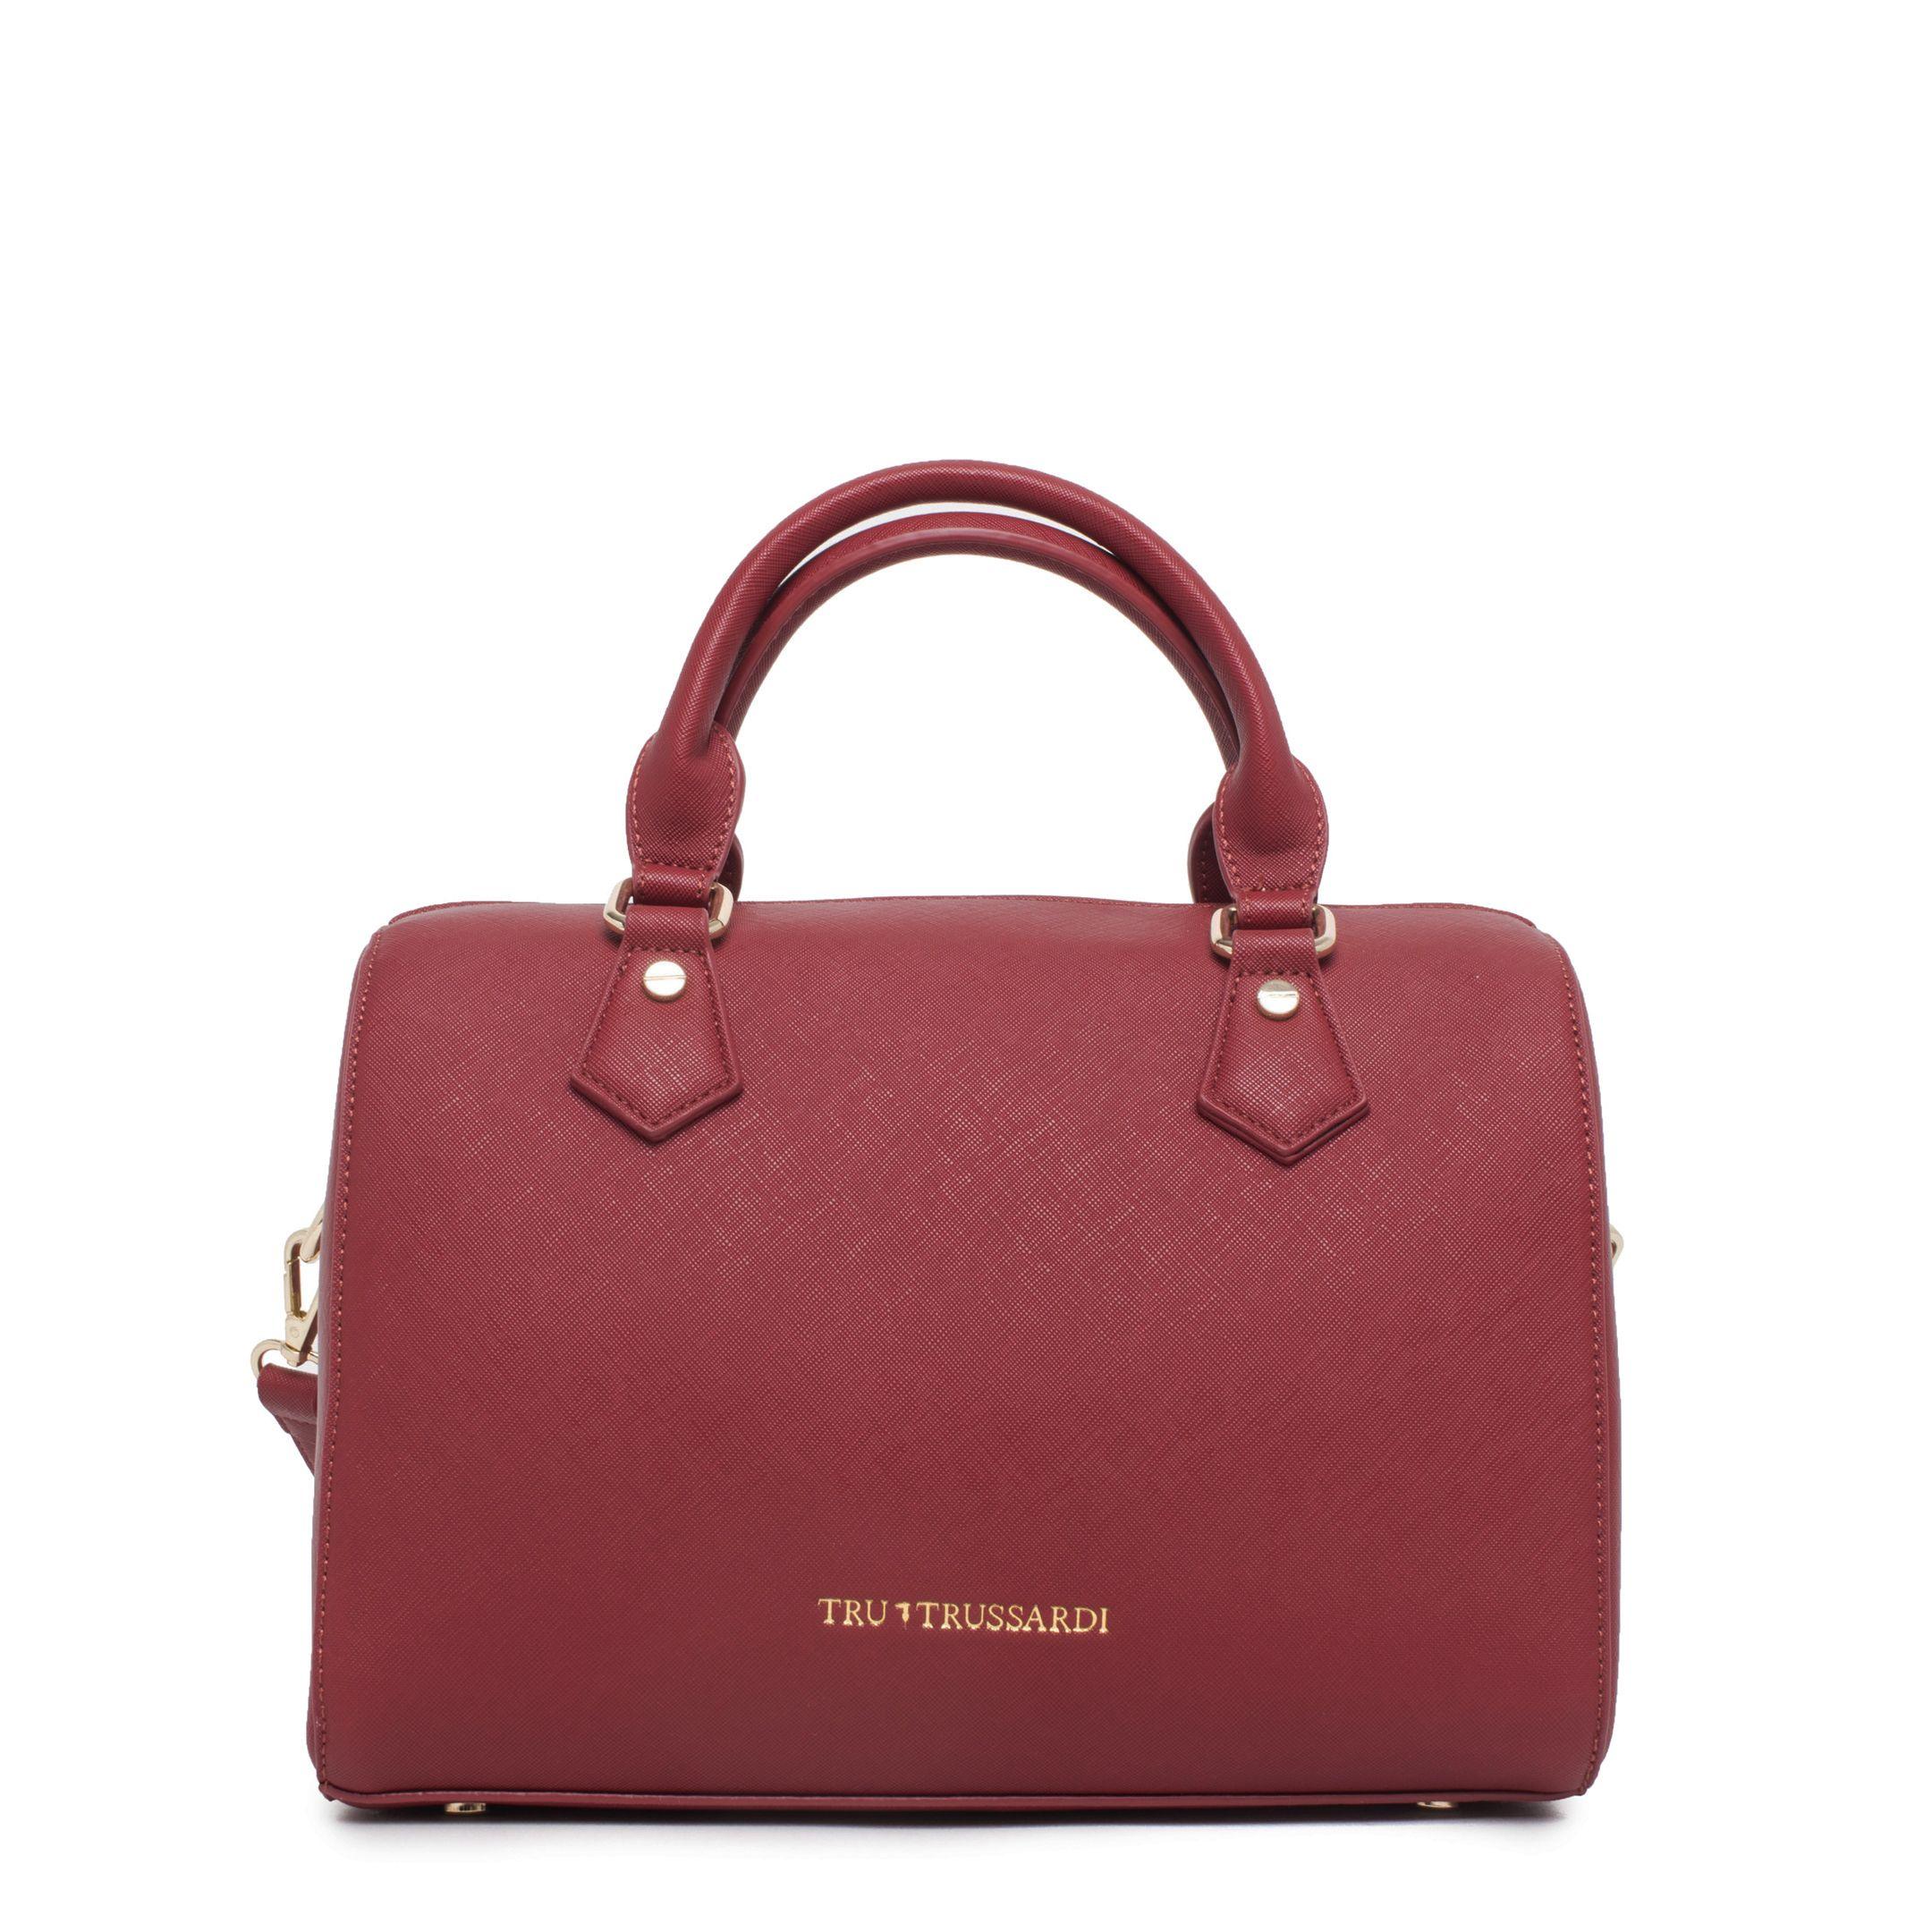 Handtaschen Trussardi – 76BTRUS103 – Rot